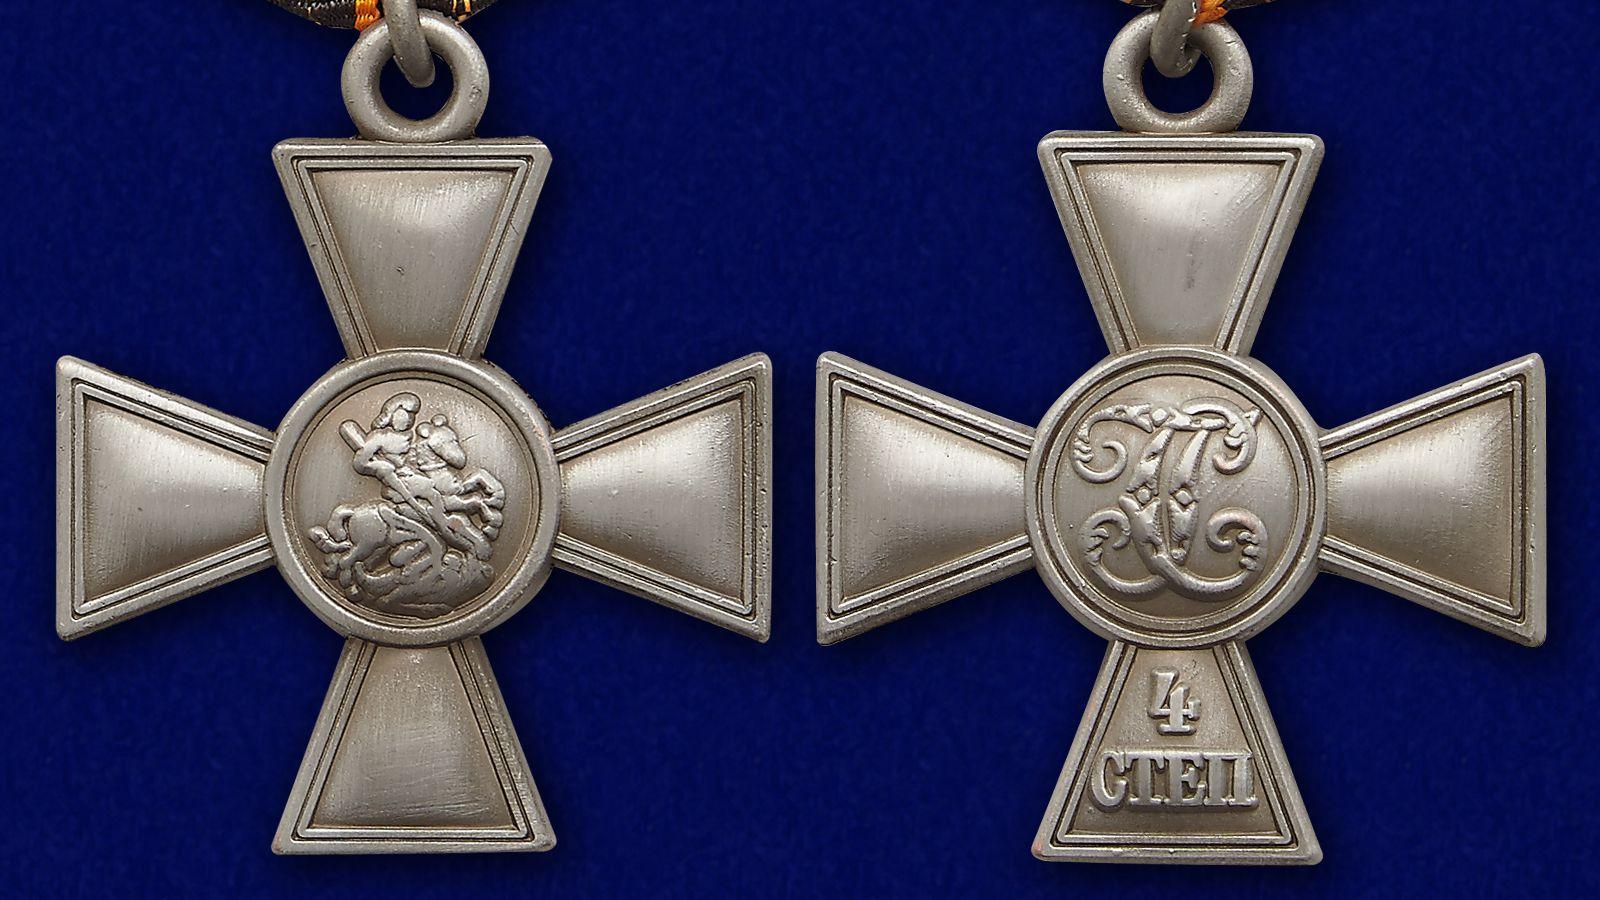 Георгиевский крест IV степени - аверс и реверс